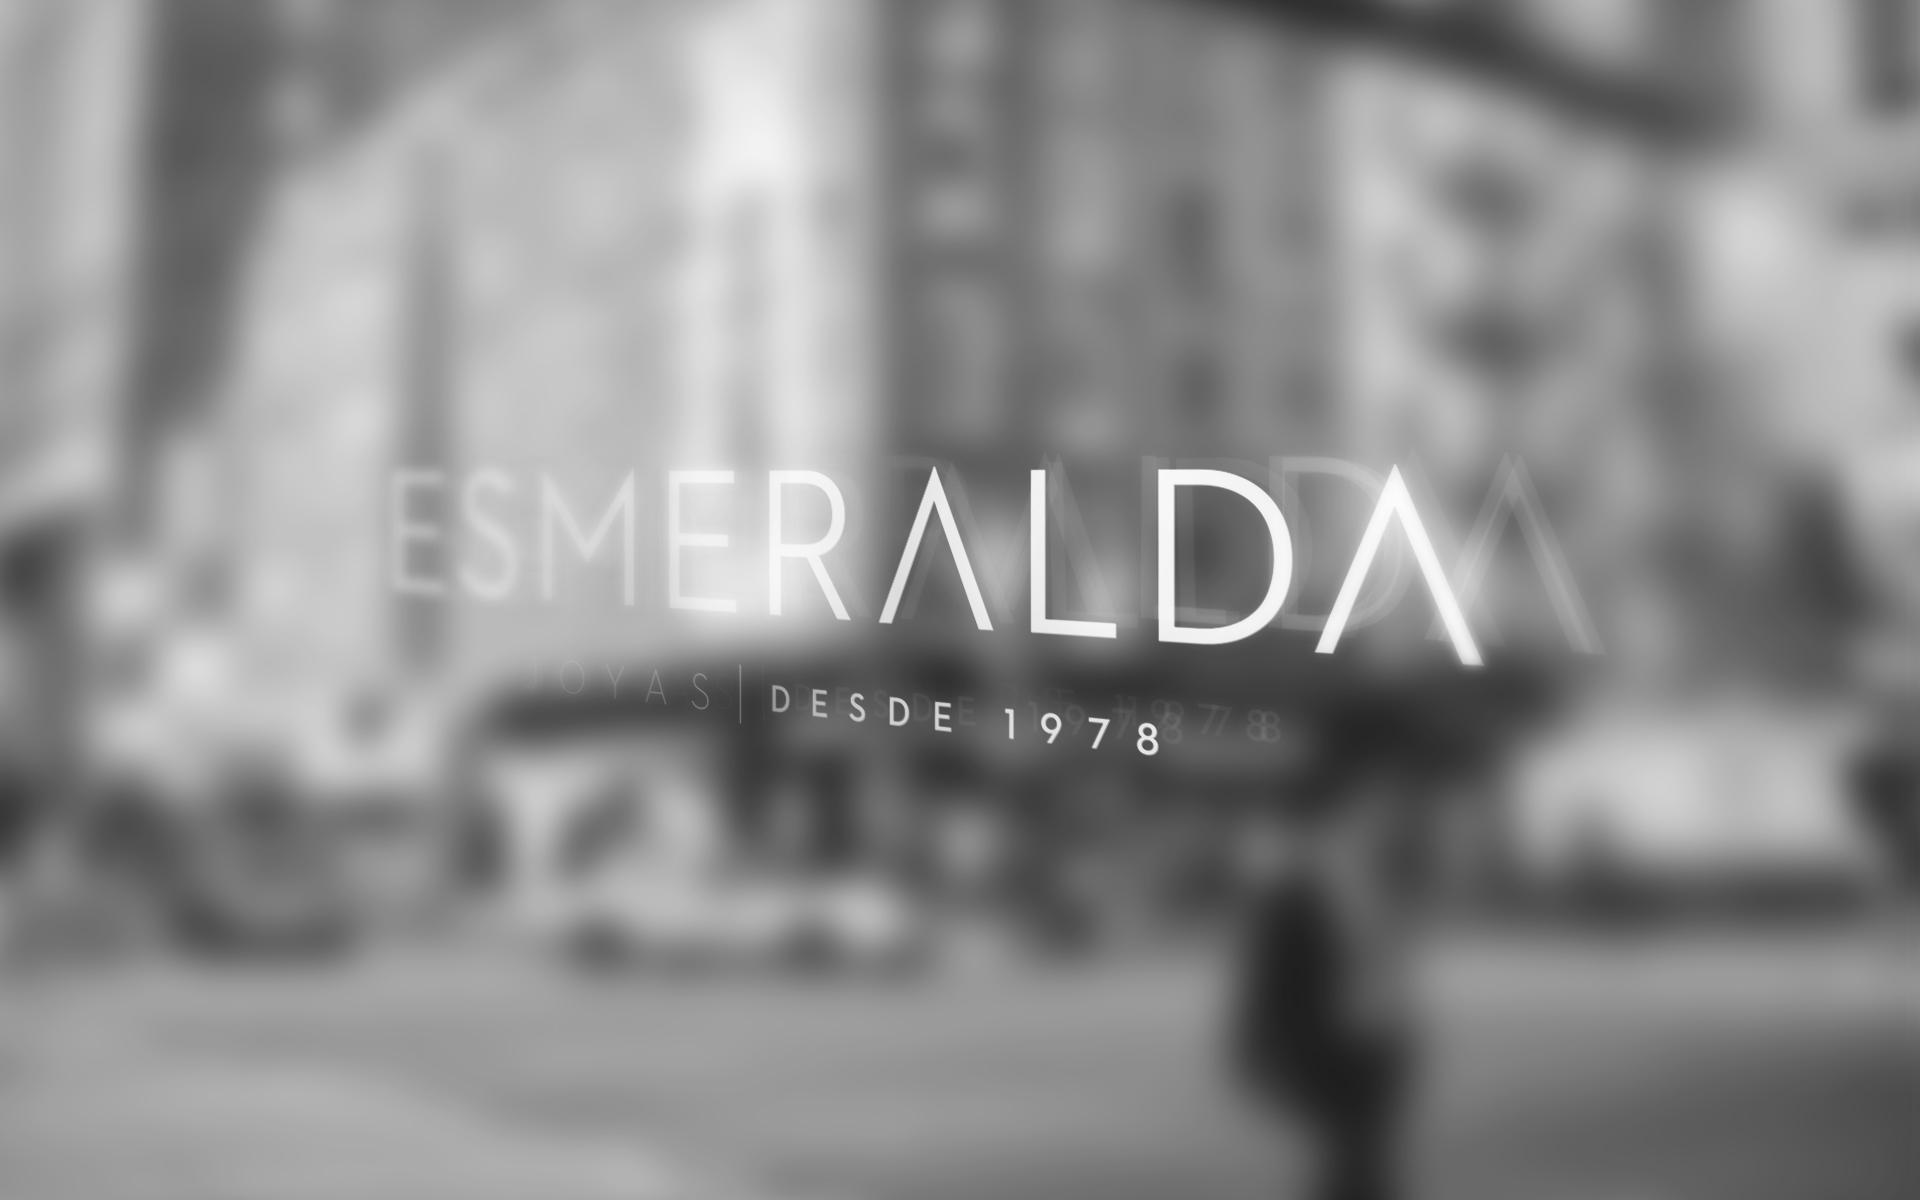 esmeralda-escaparate.jpg